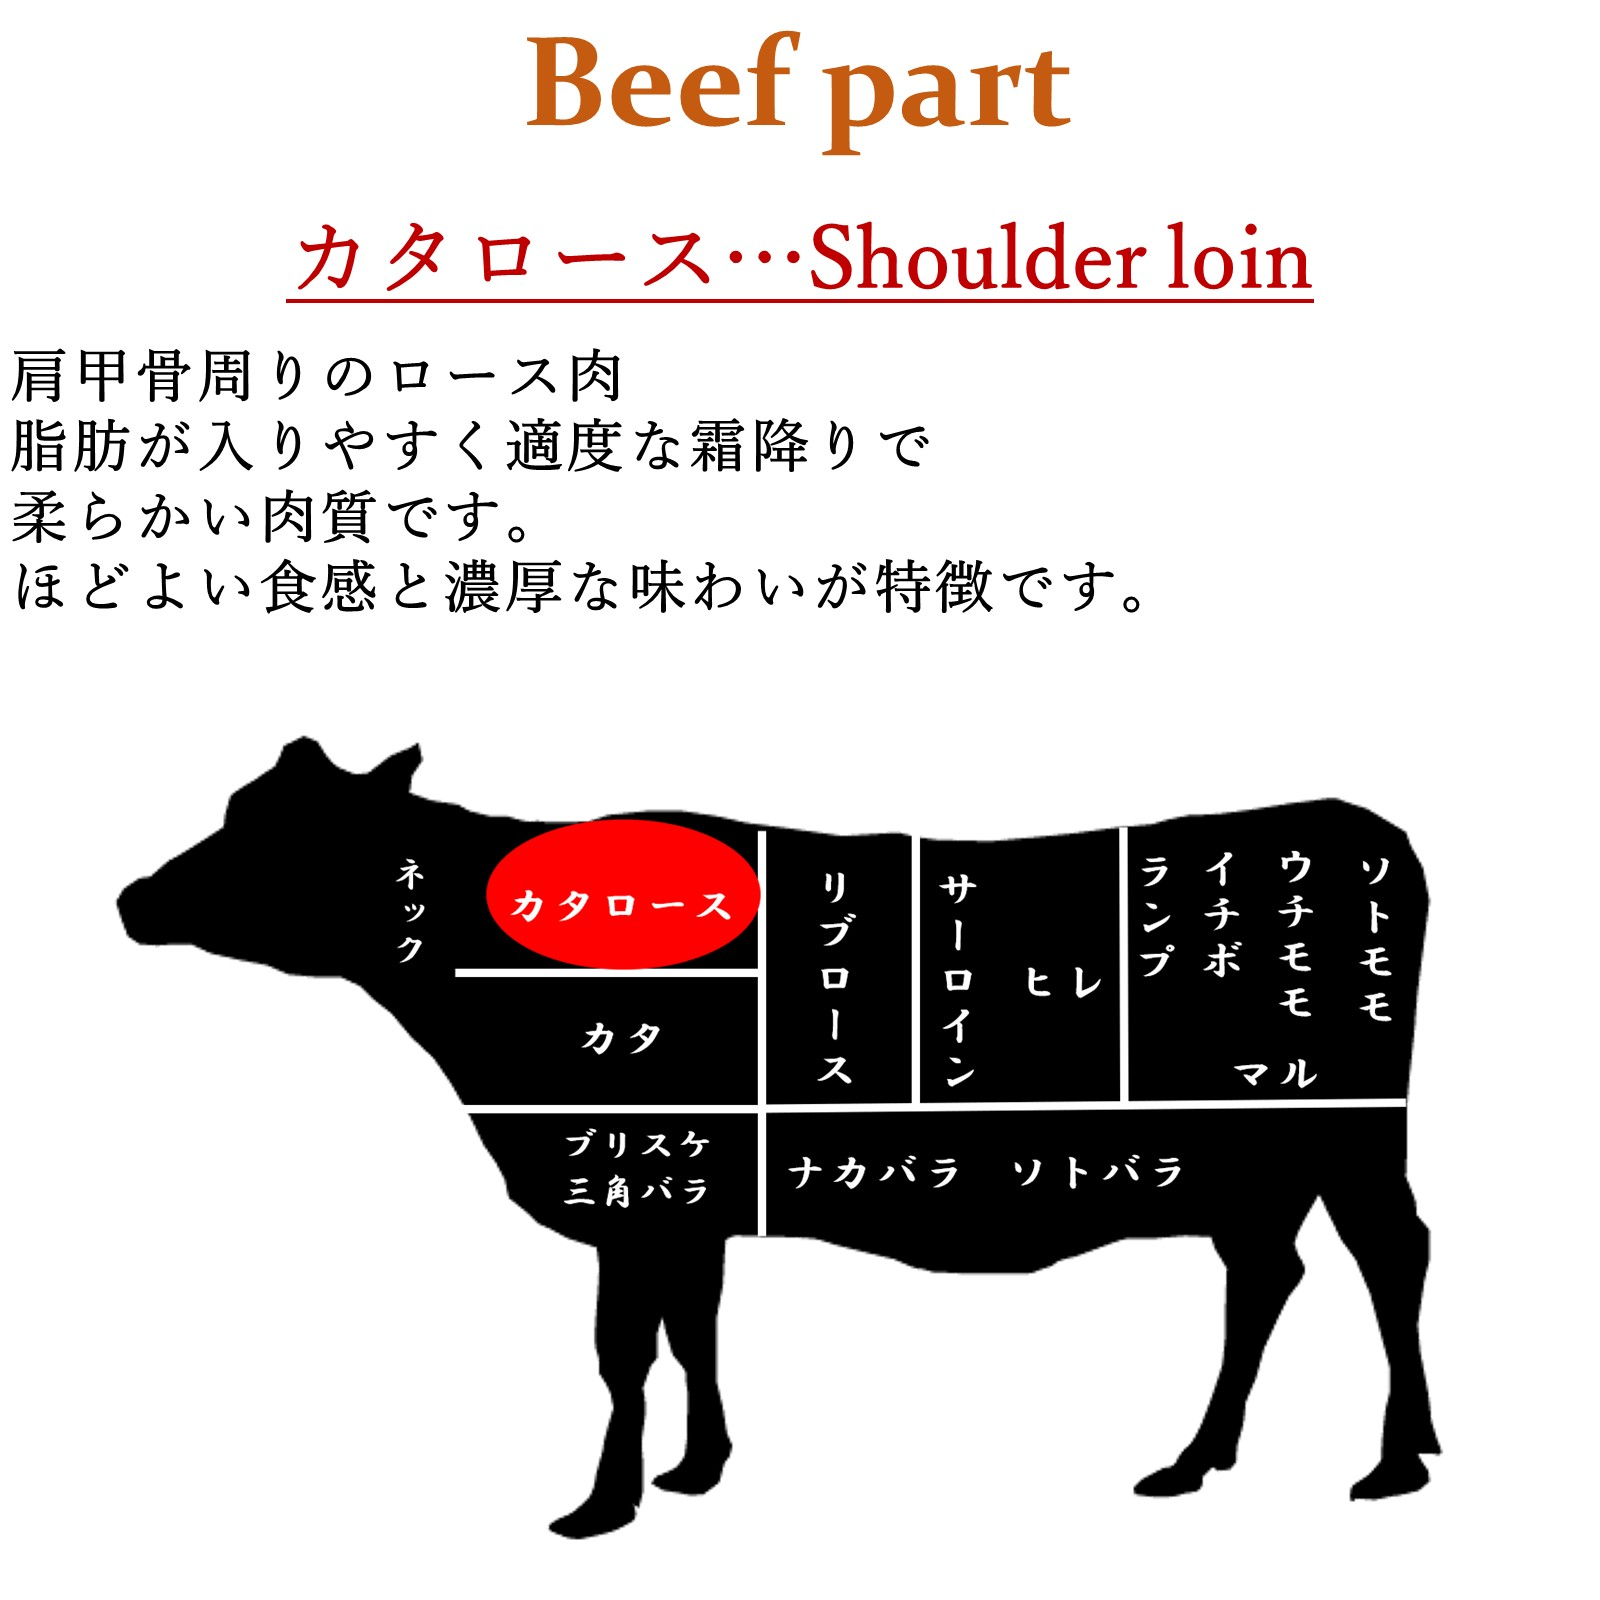 氷温熟成 黒毛和牛すき焼き・しゃぶしゃぶ用 肩ロース肉